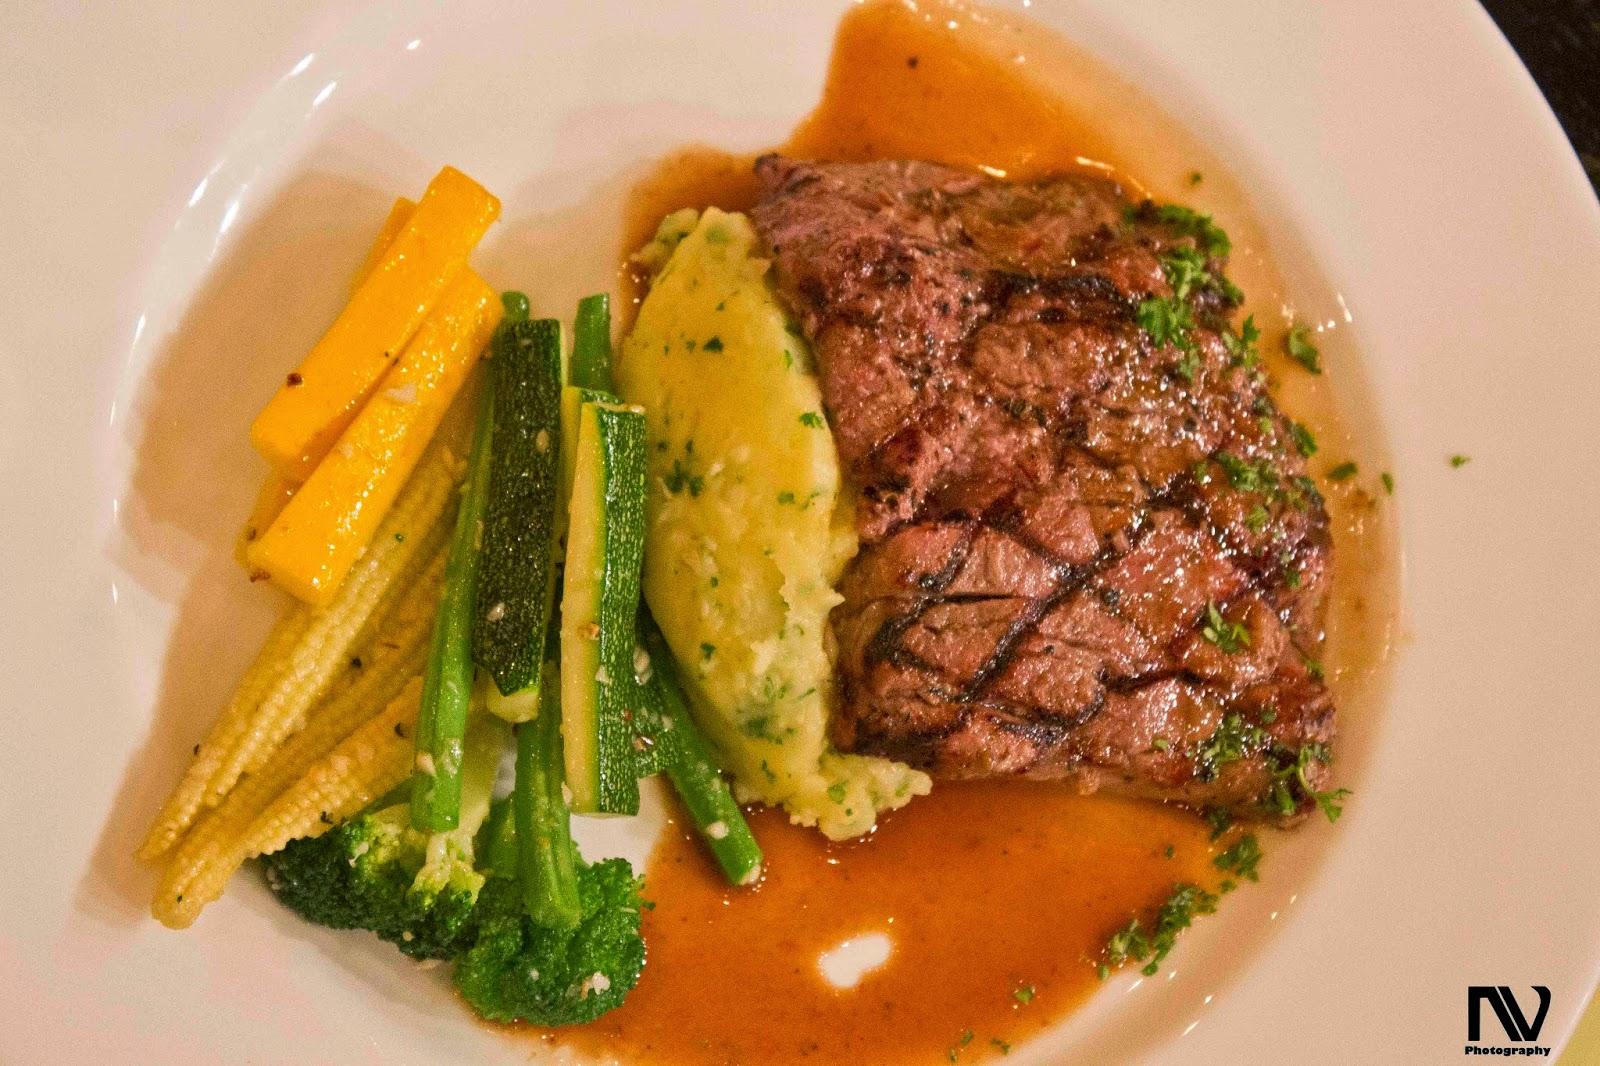 Beer and Herb Steak